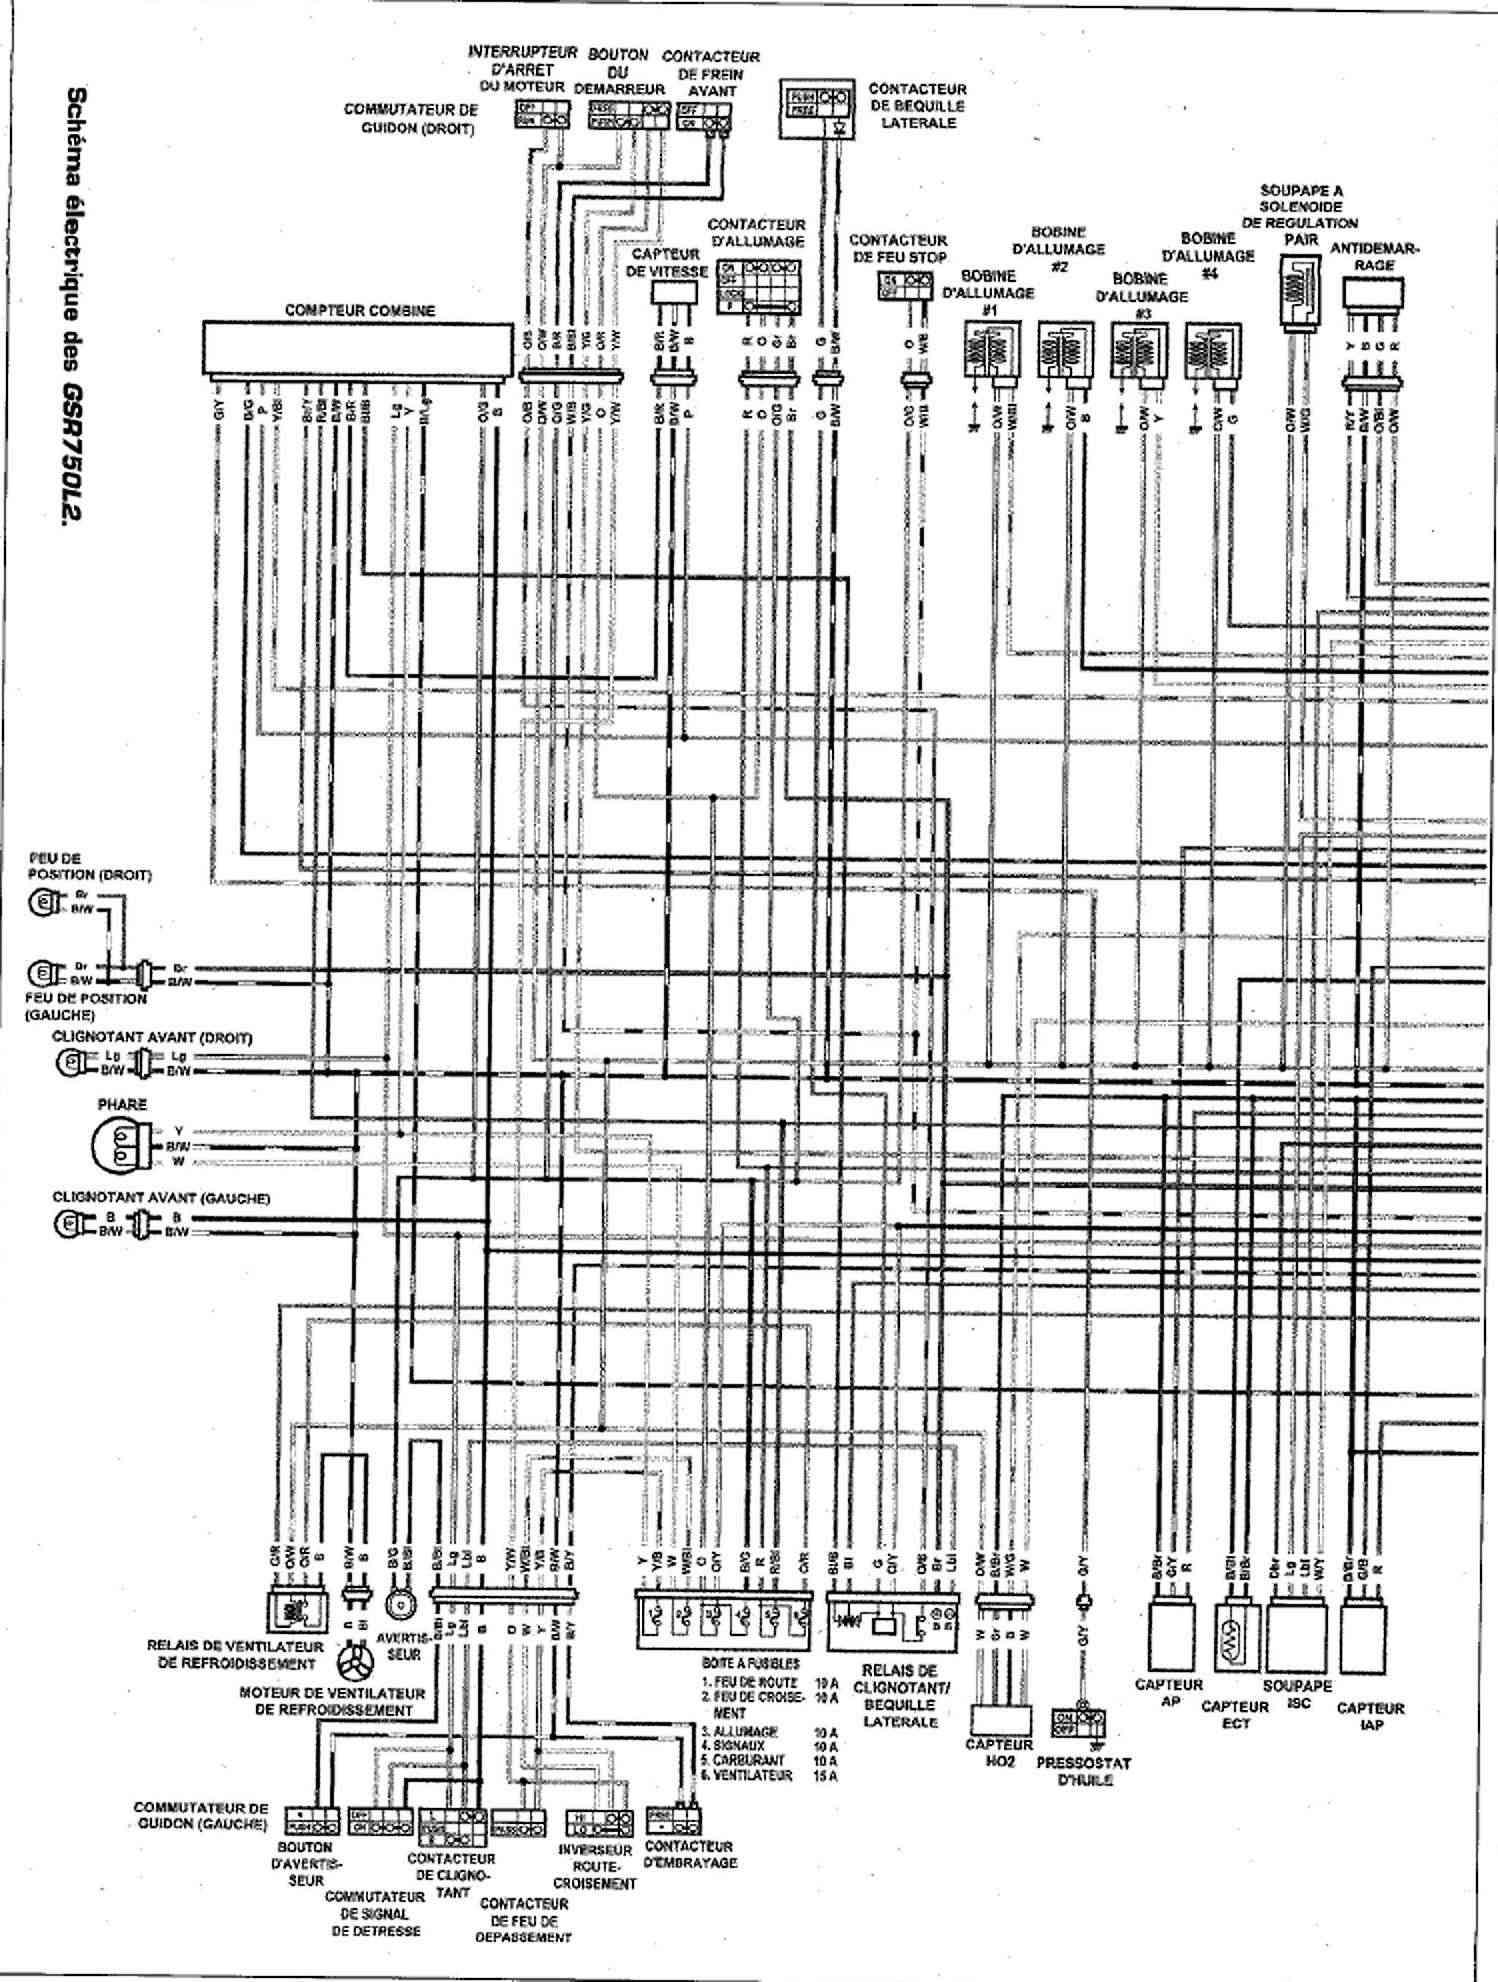 recherche schéma éléctrique  Schama14